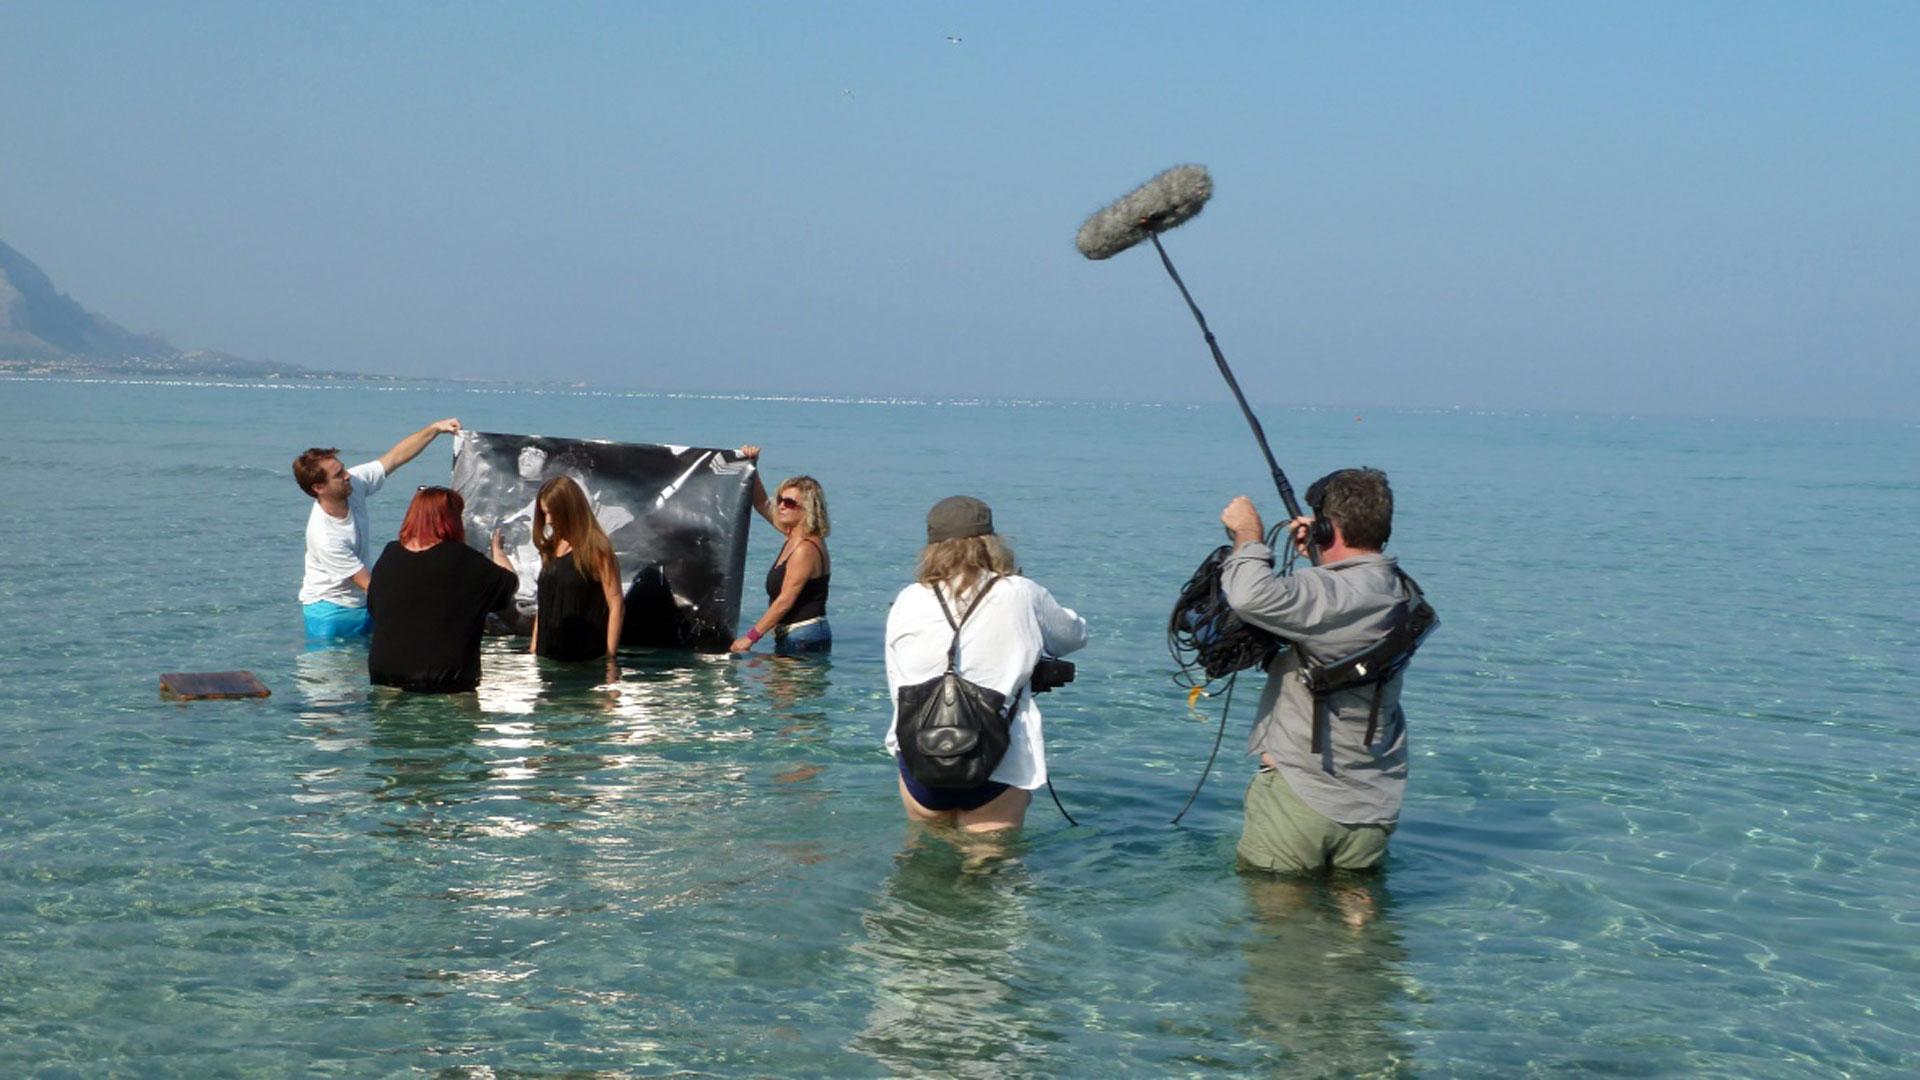 Tournage - Dans un océan d'images - Helen Doyle